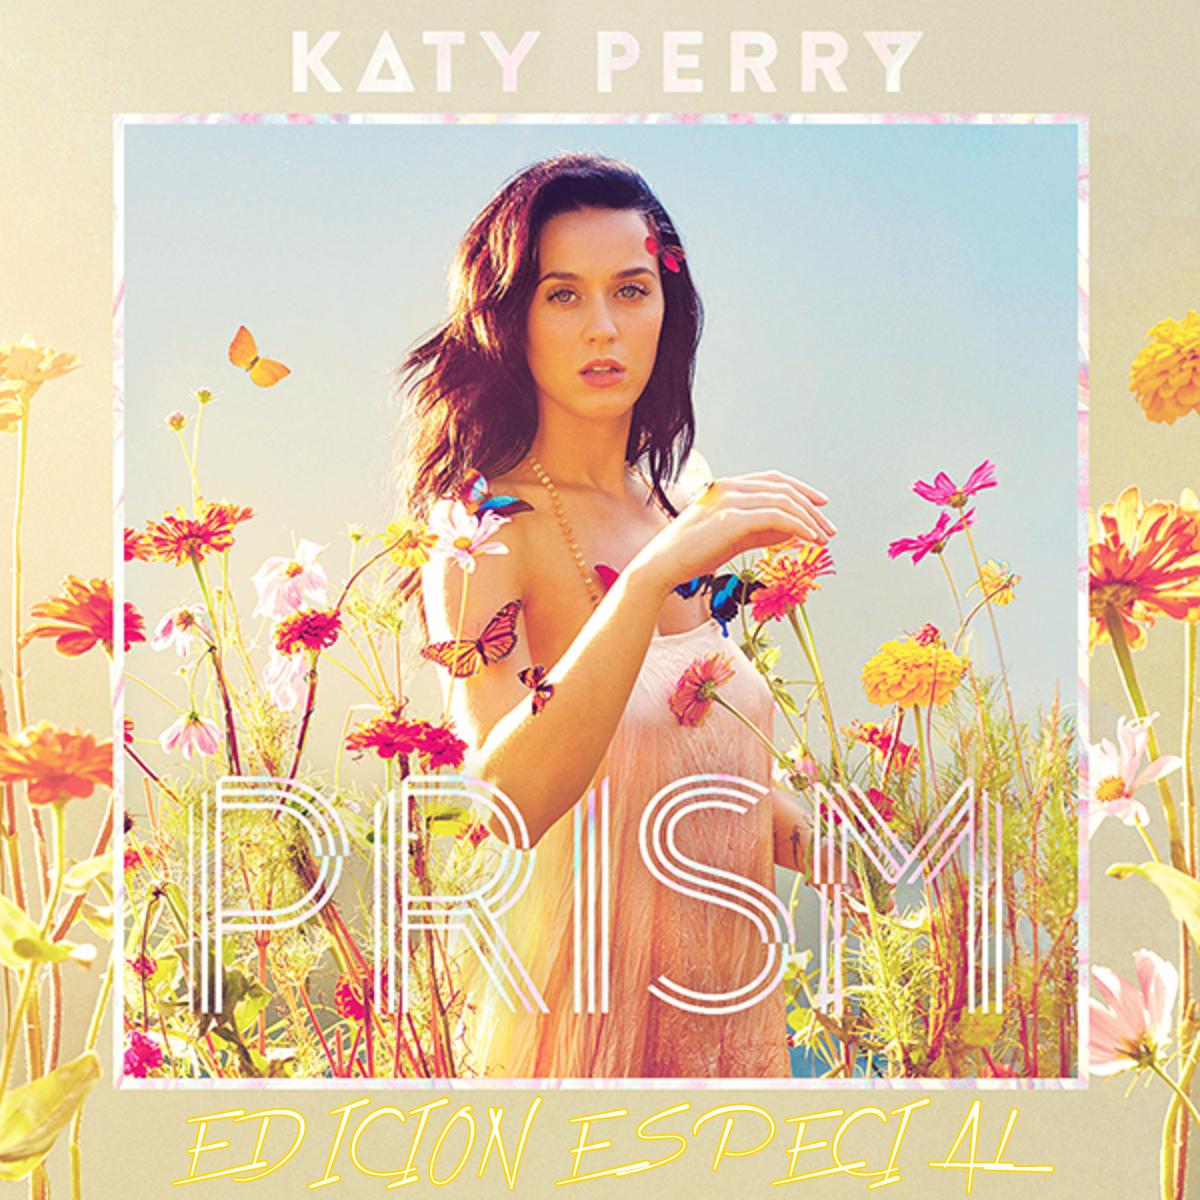 Katy Perry - Prism (Deluxe) (Edicion Especial) [iTunes ...